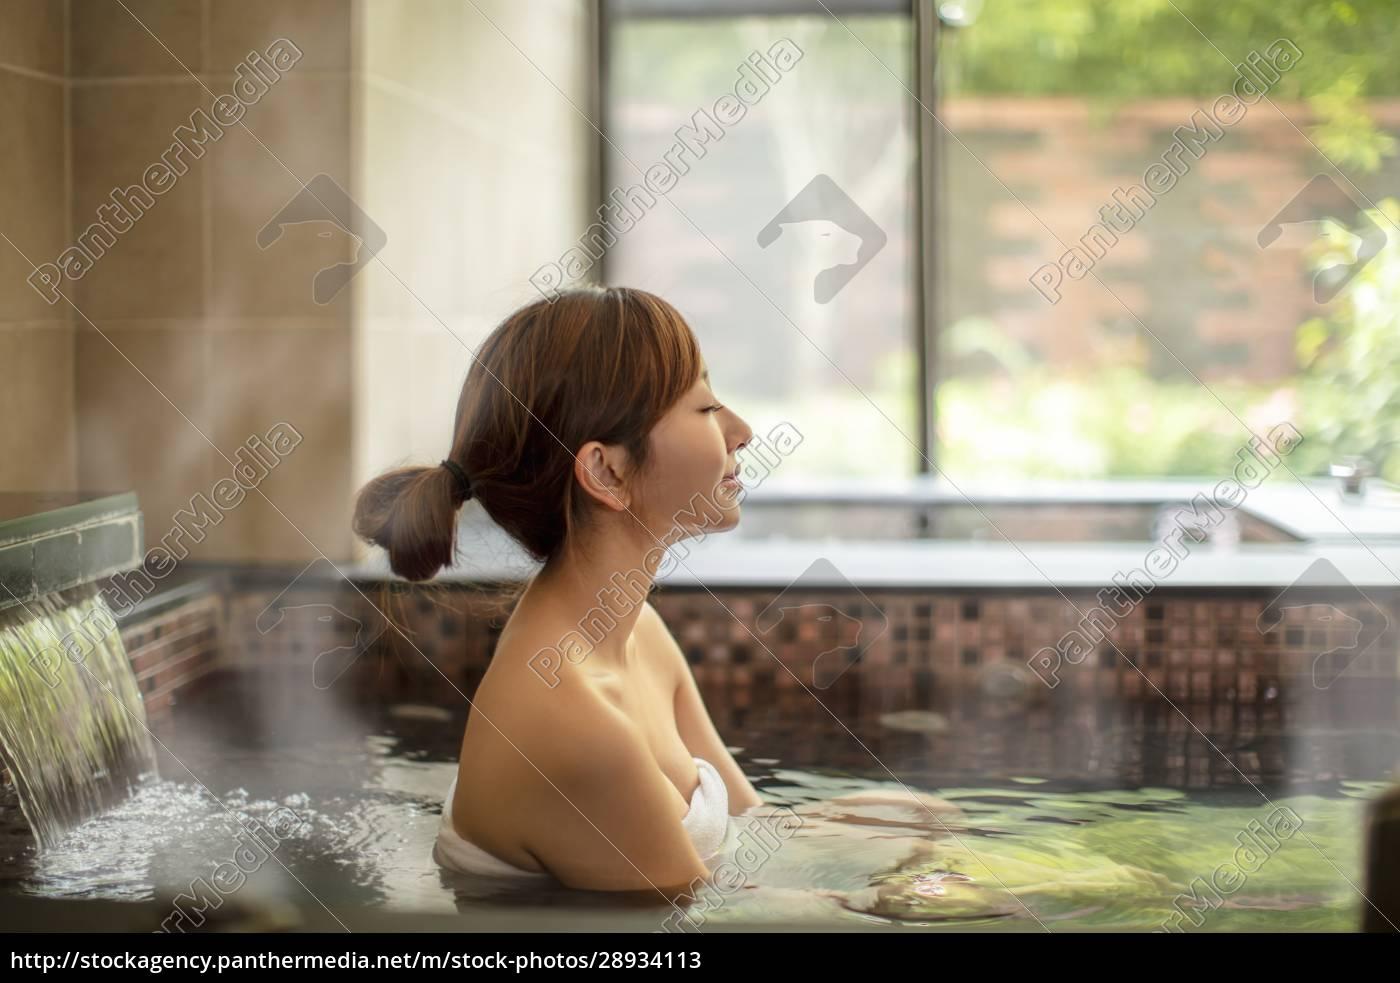 asiatische, junge, frau, entspannen, in, heißen - 28934113